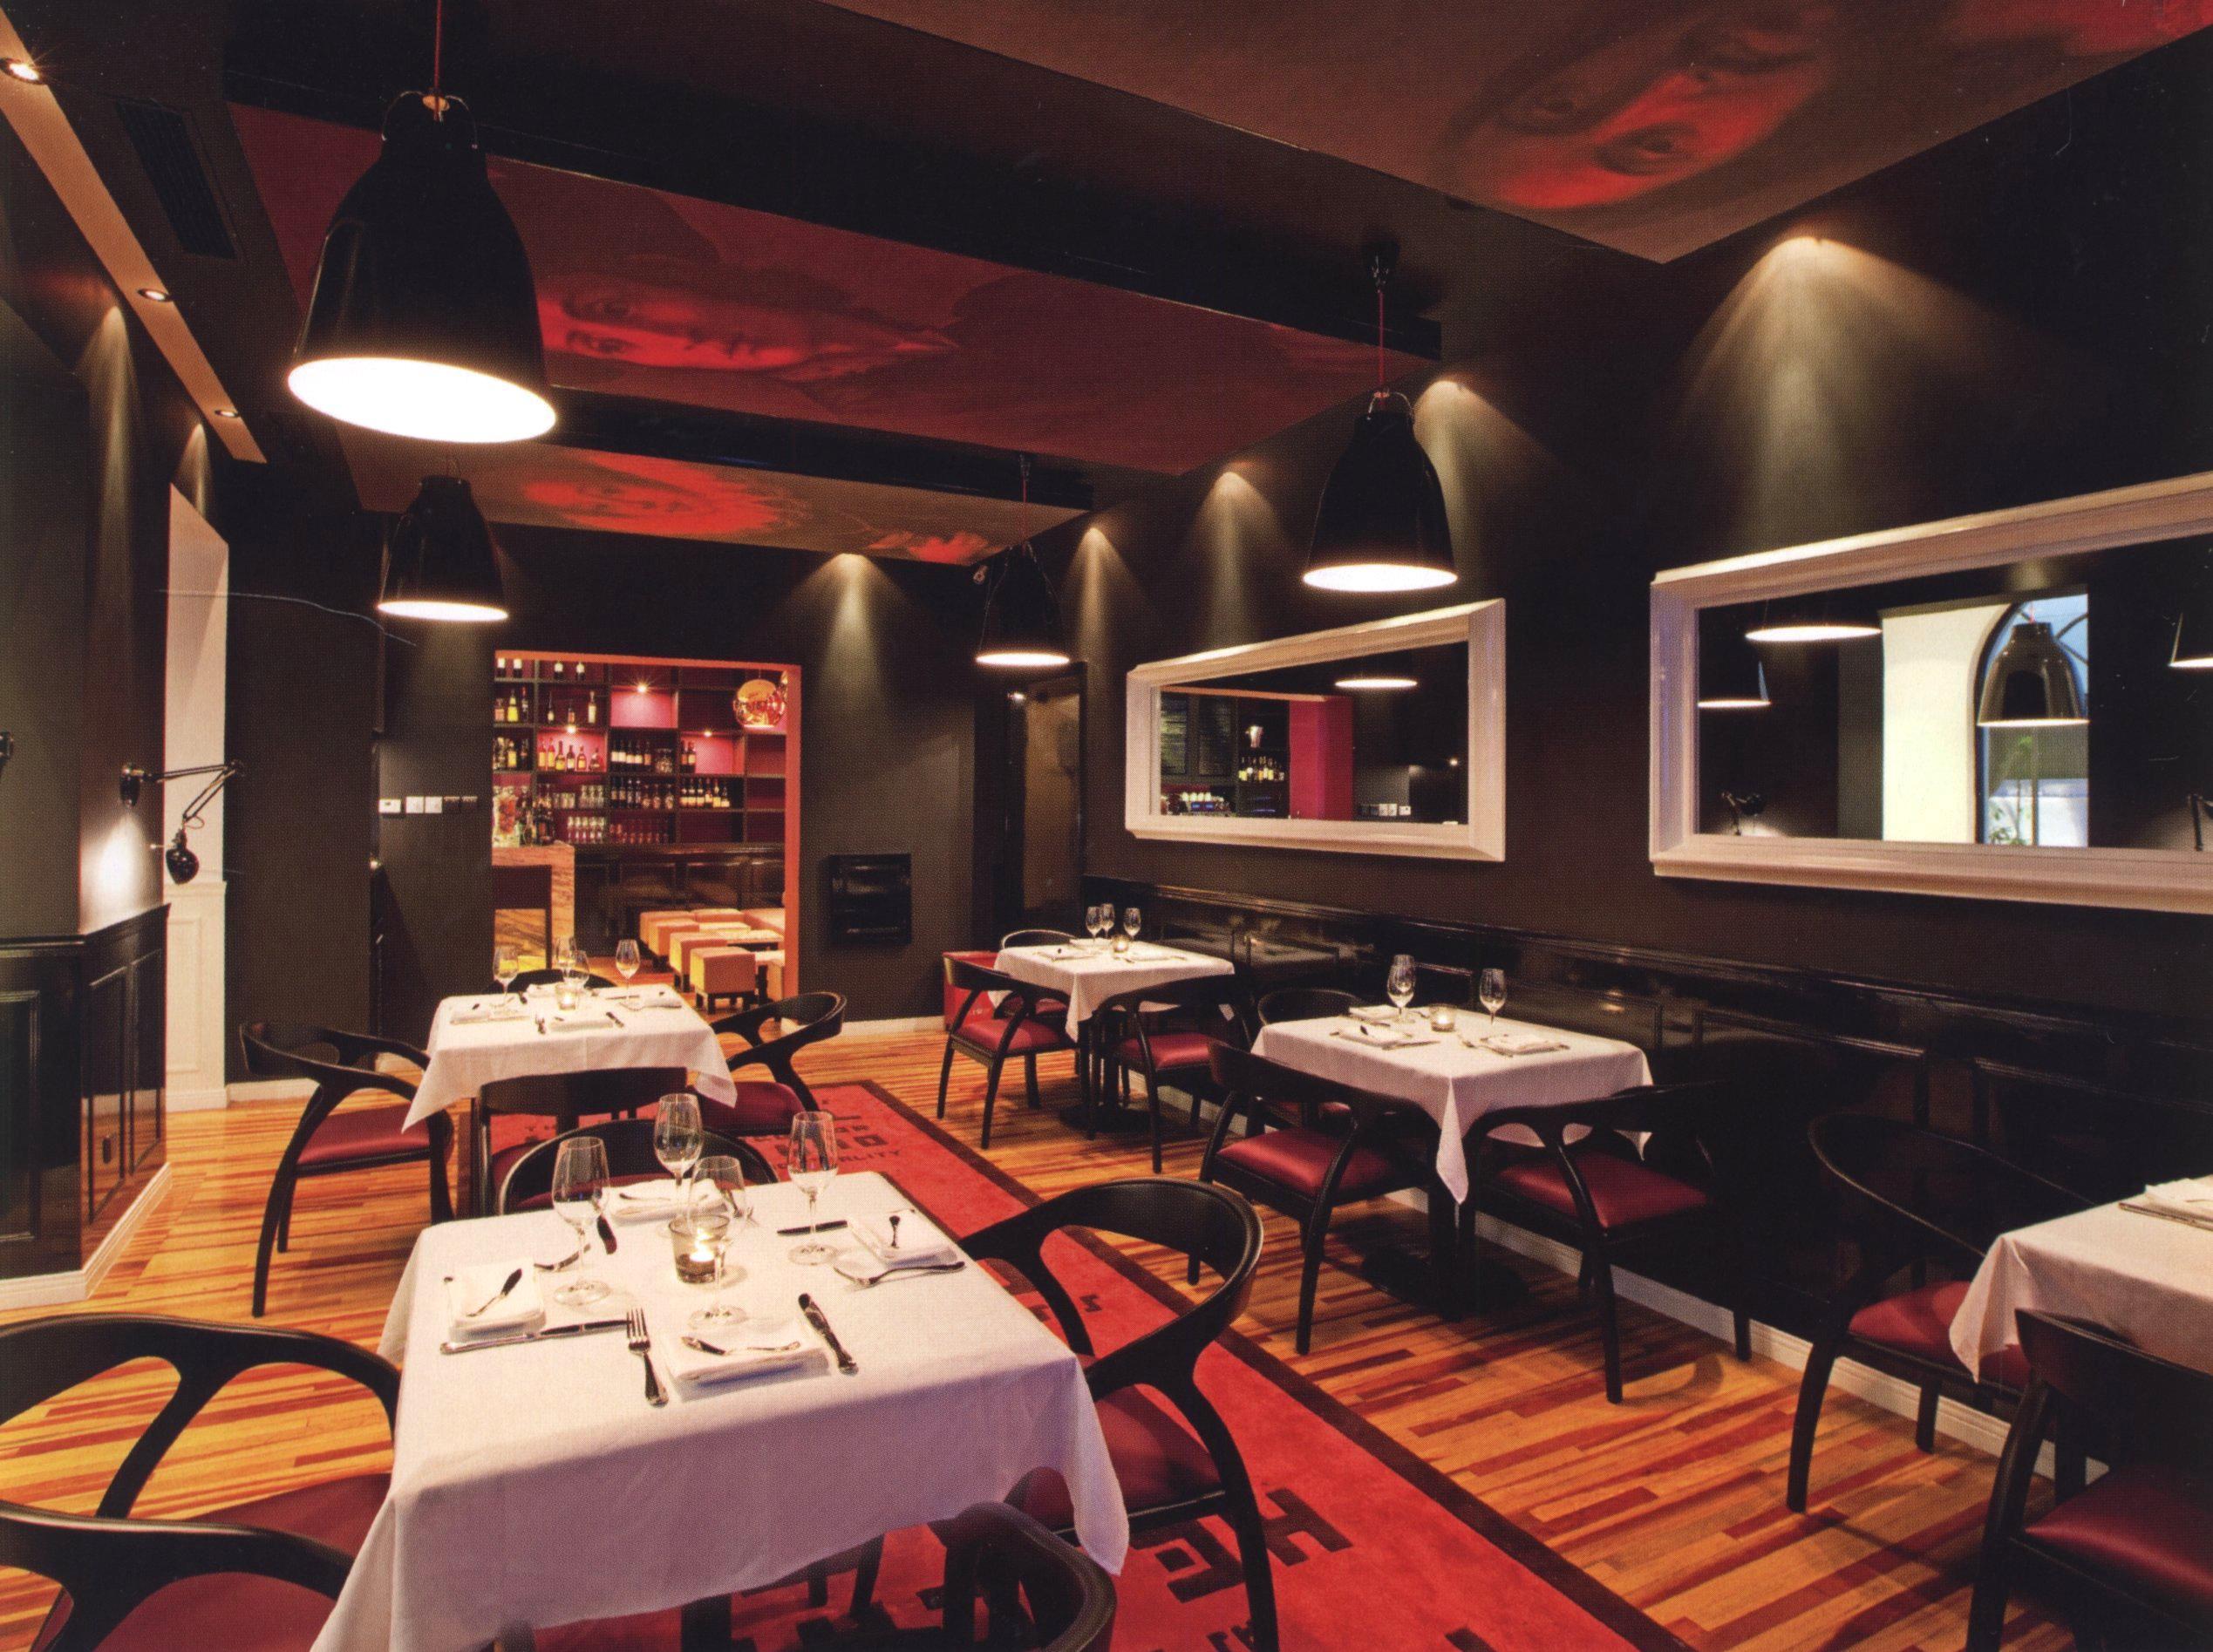 西餐厅设计图片-最新西餐厅设计图片大全图片